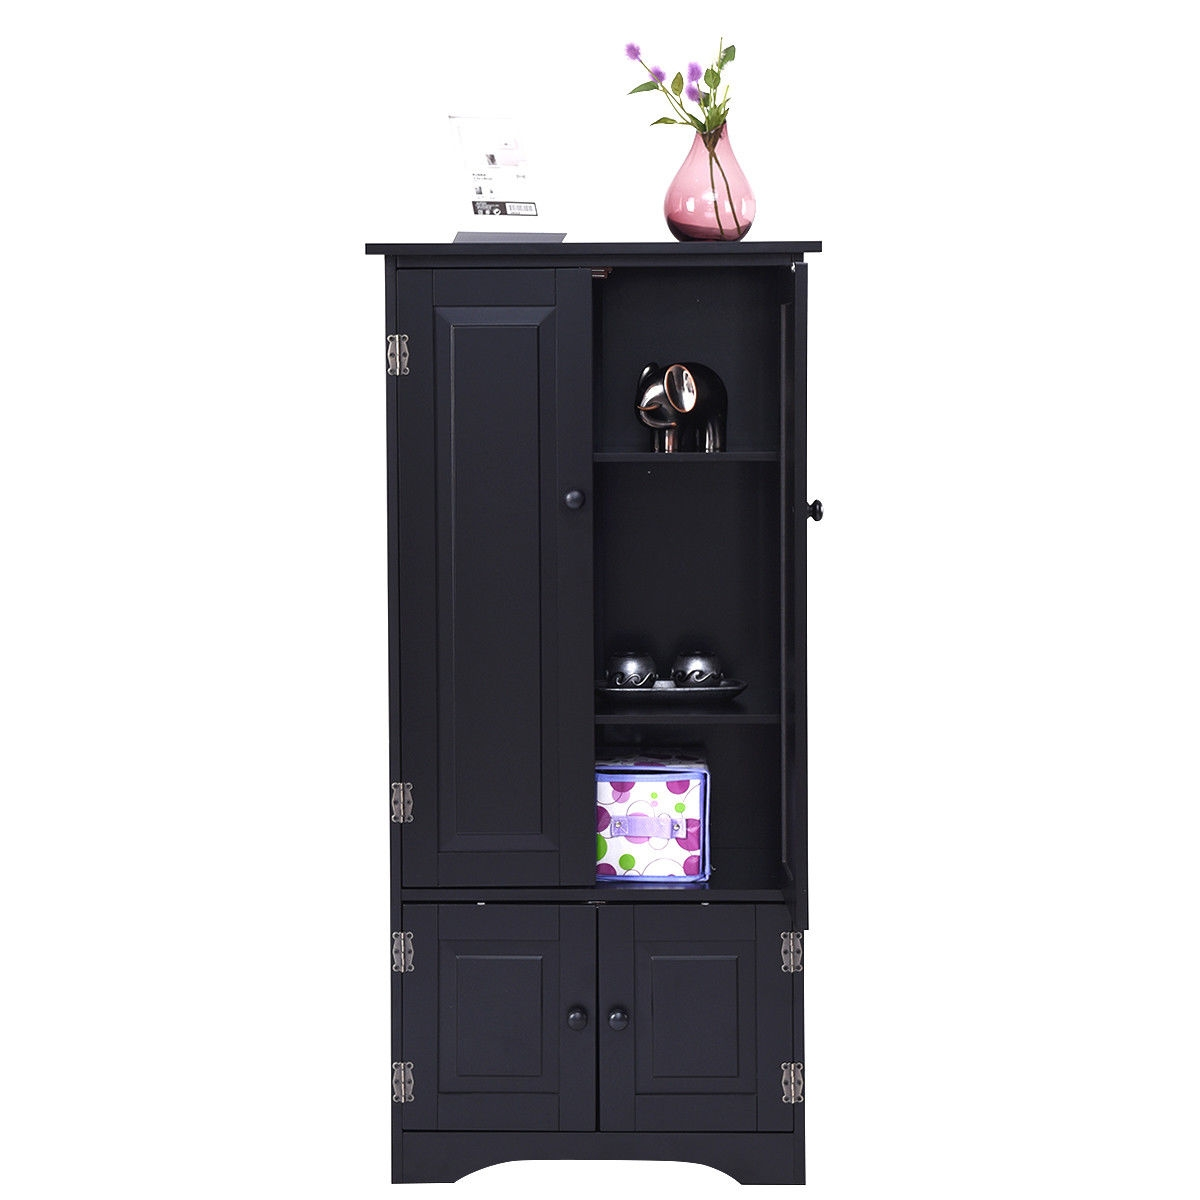 Accent Storage Cabinet Adjustable Shelves